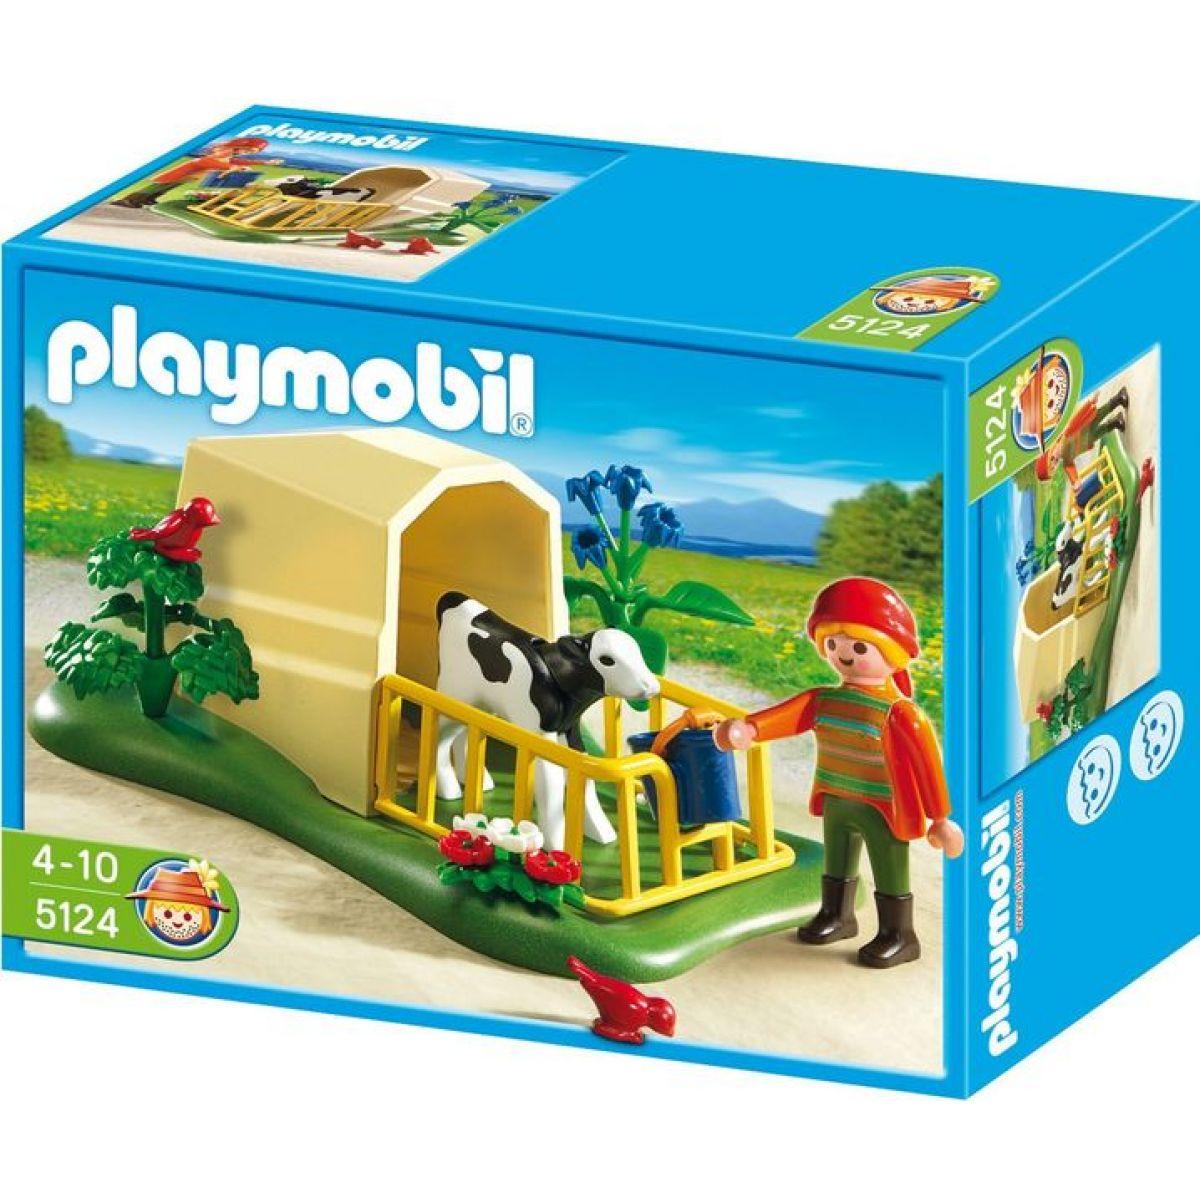 Playmobil 5124 Telátka ve výběhu - Poškozený obal